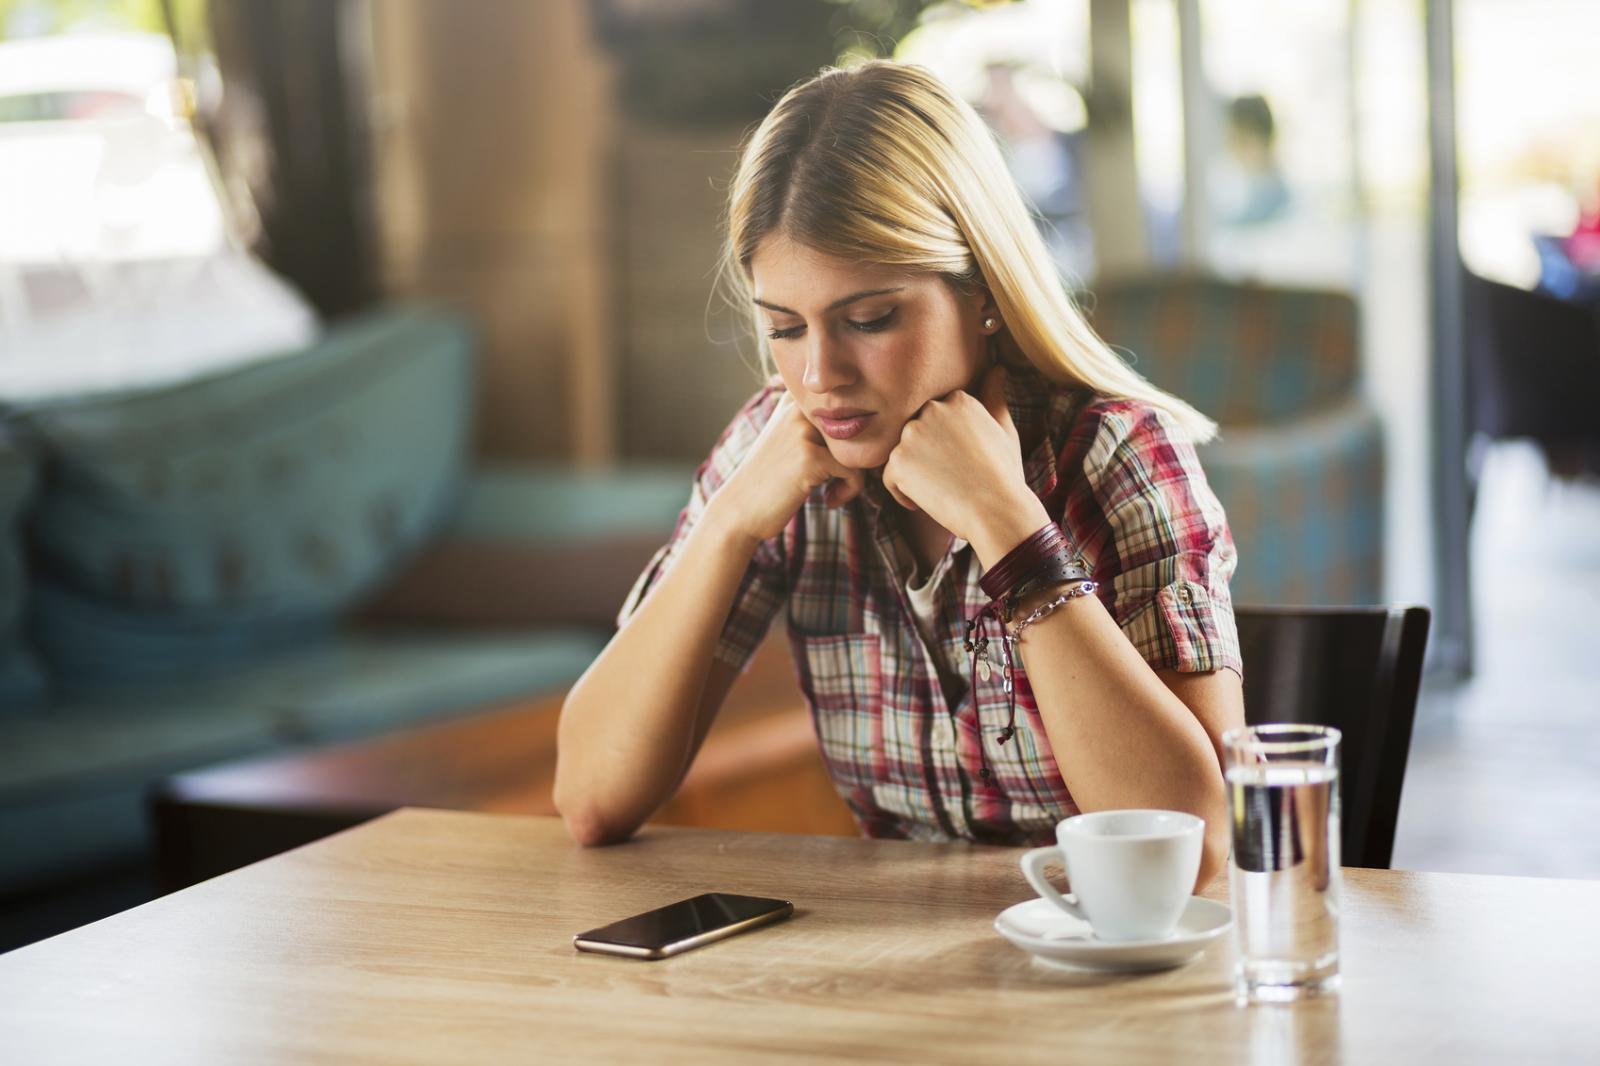 Prije nego krenete kukati nad svojom vezom, razmislite činite li i vi nešto krivo.